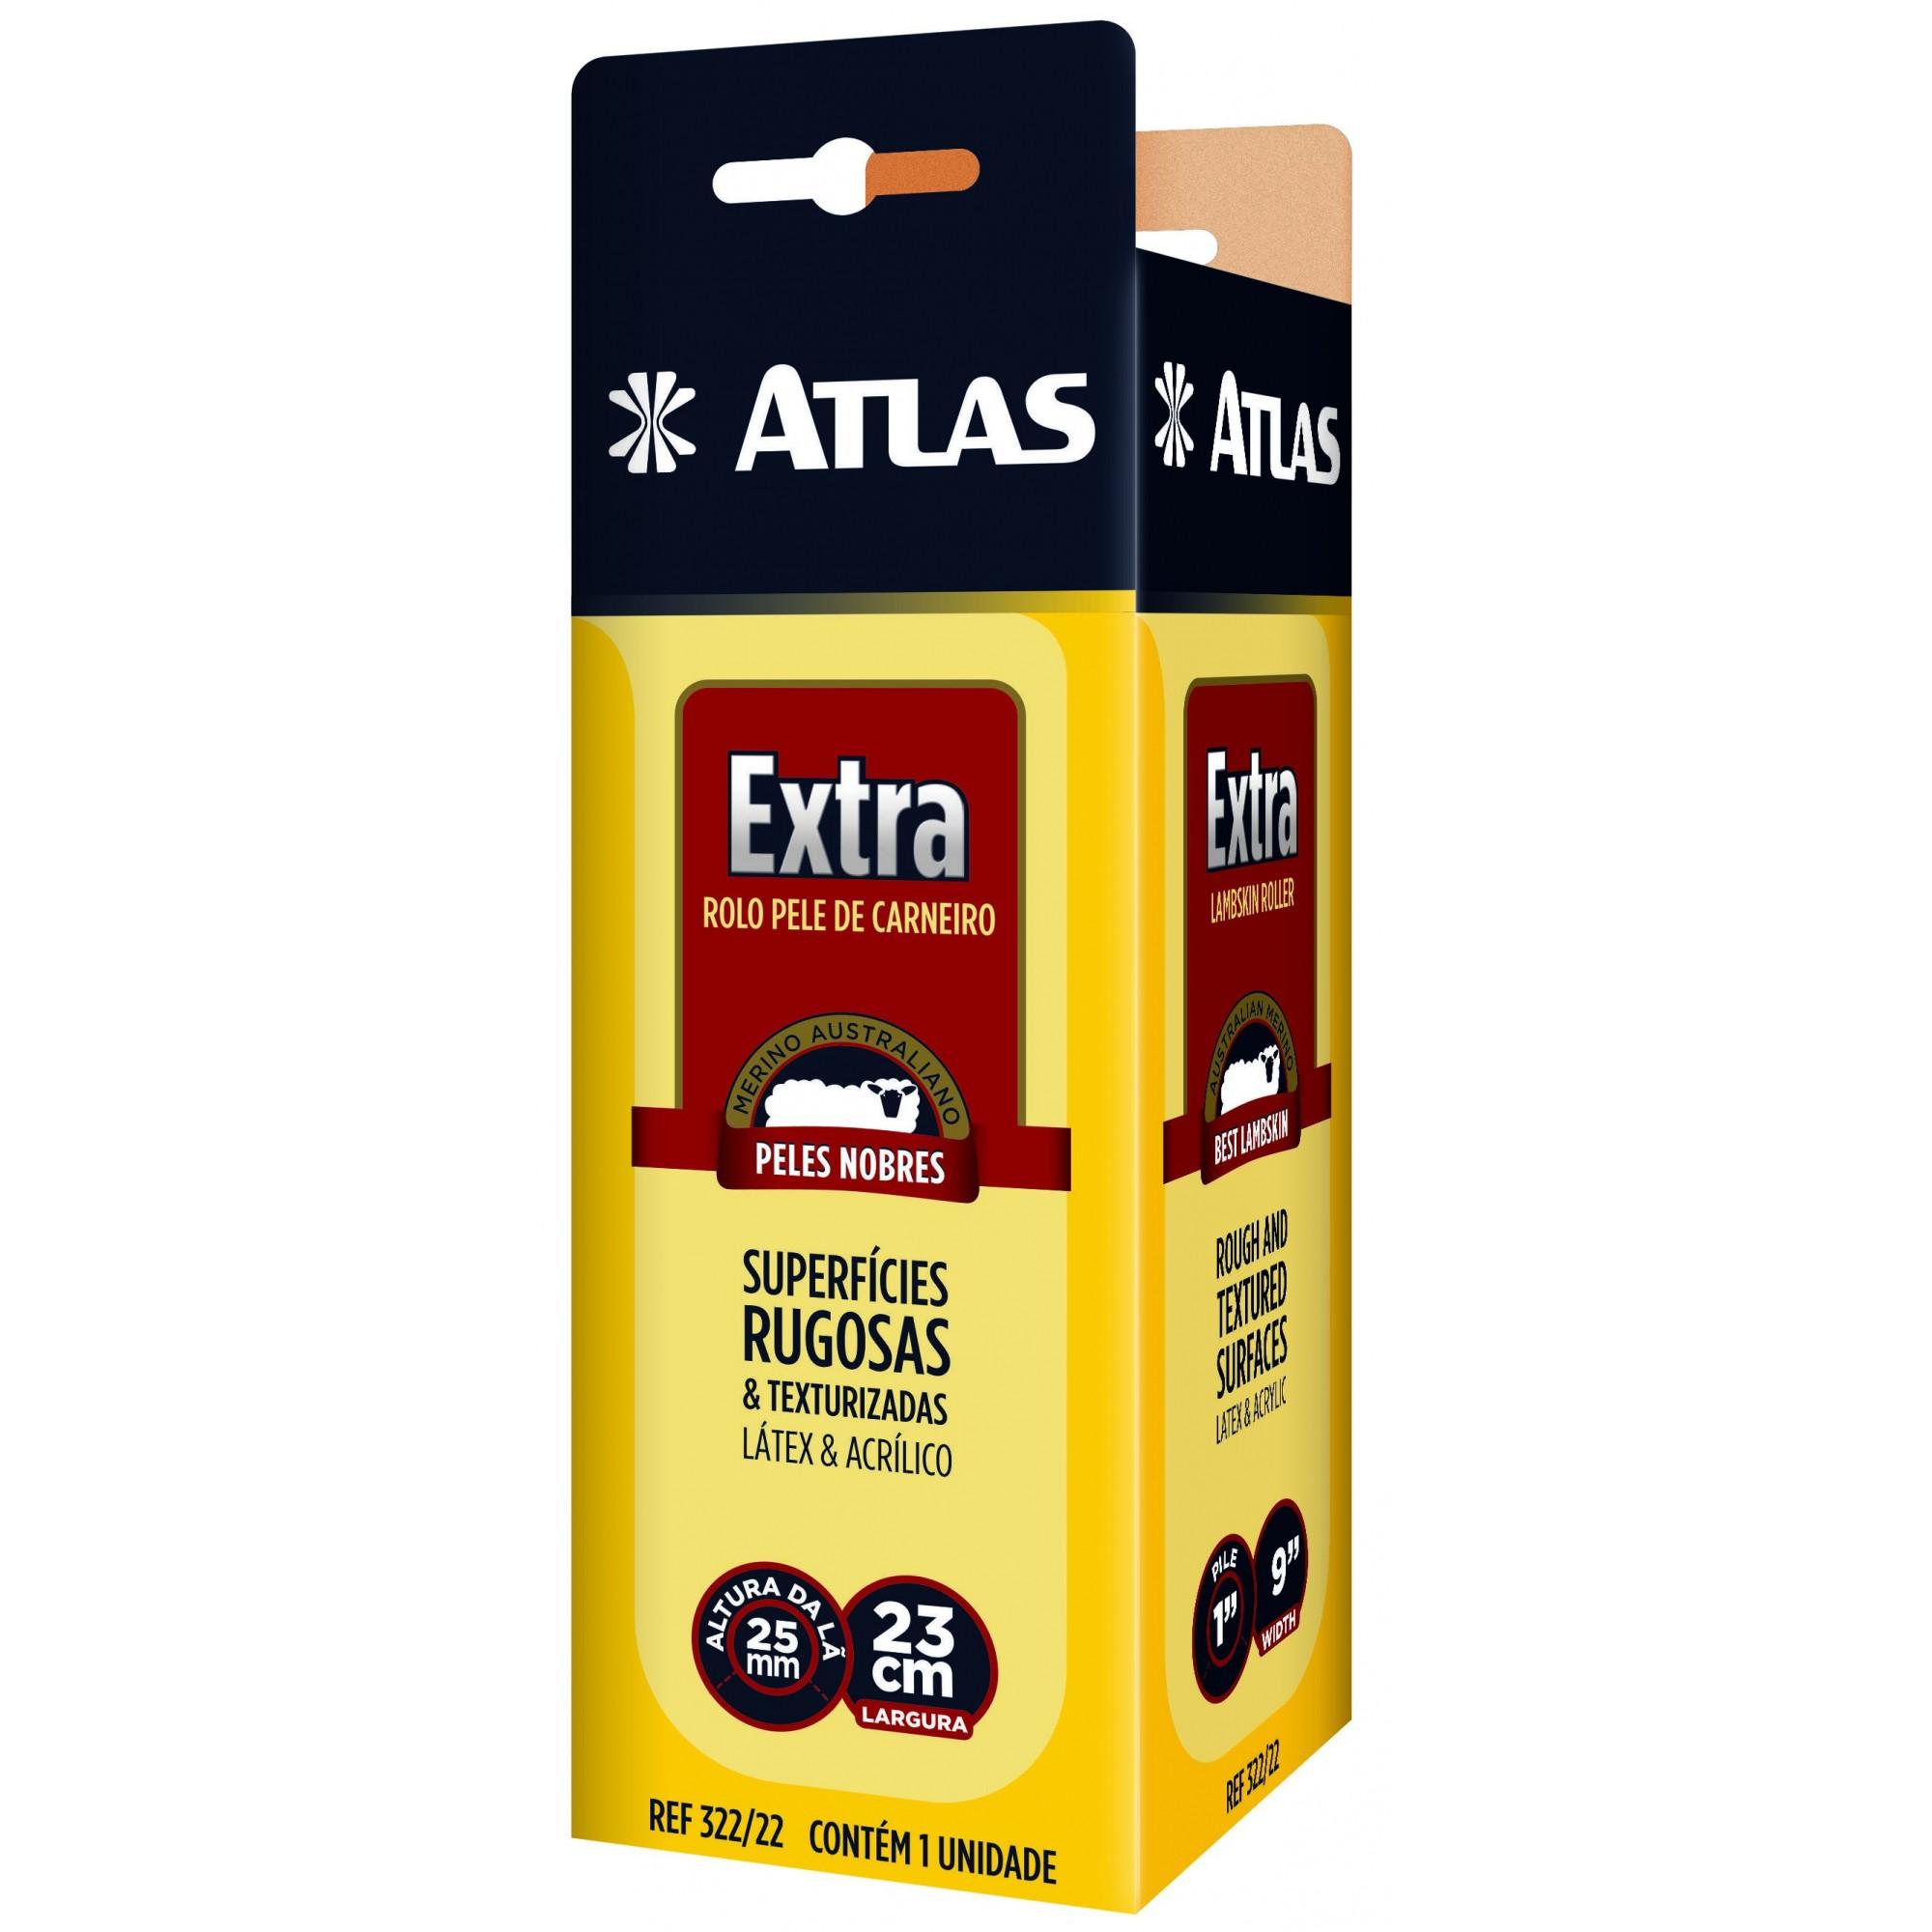 Rolo Lã Extra Atlas 322/22.